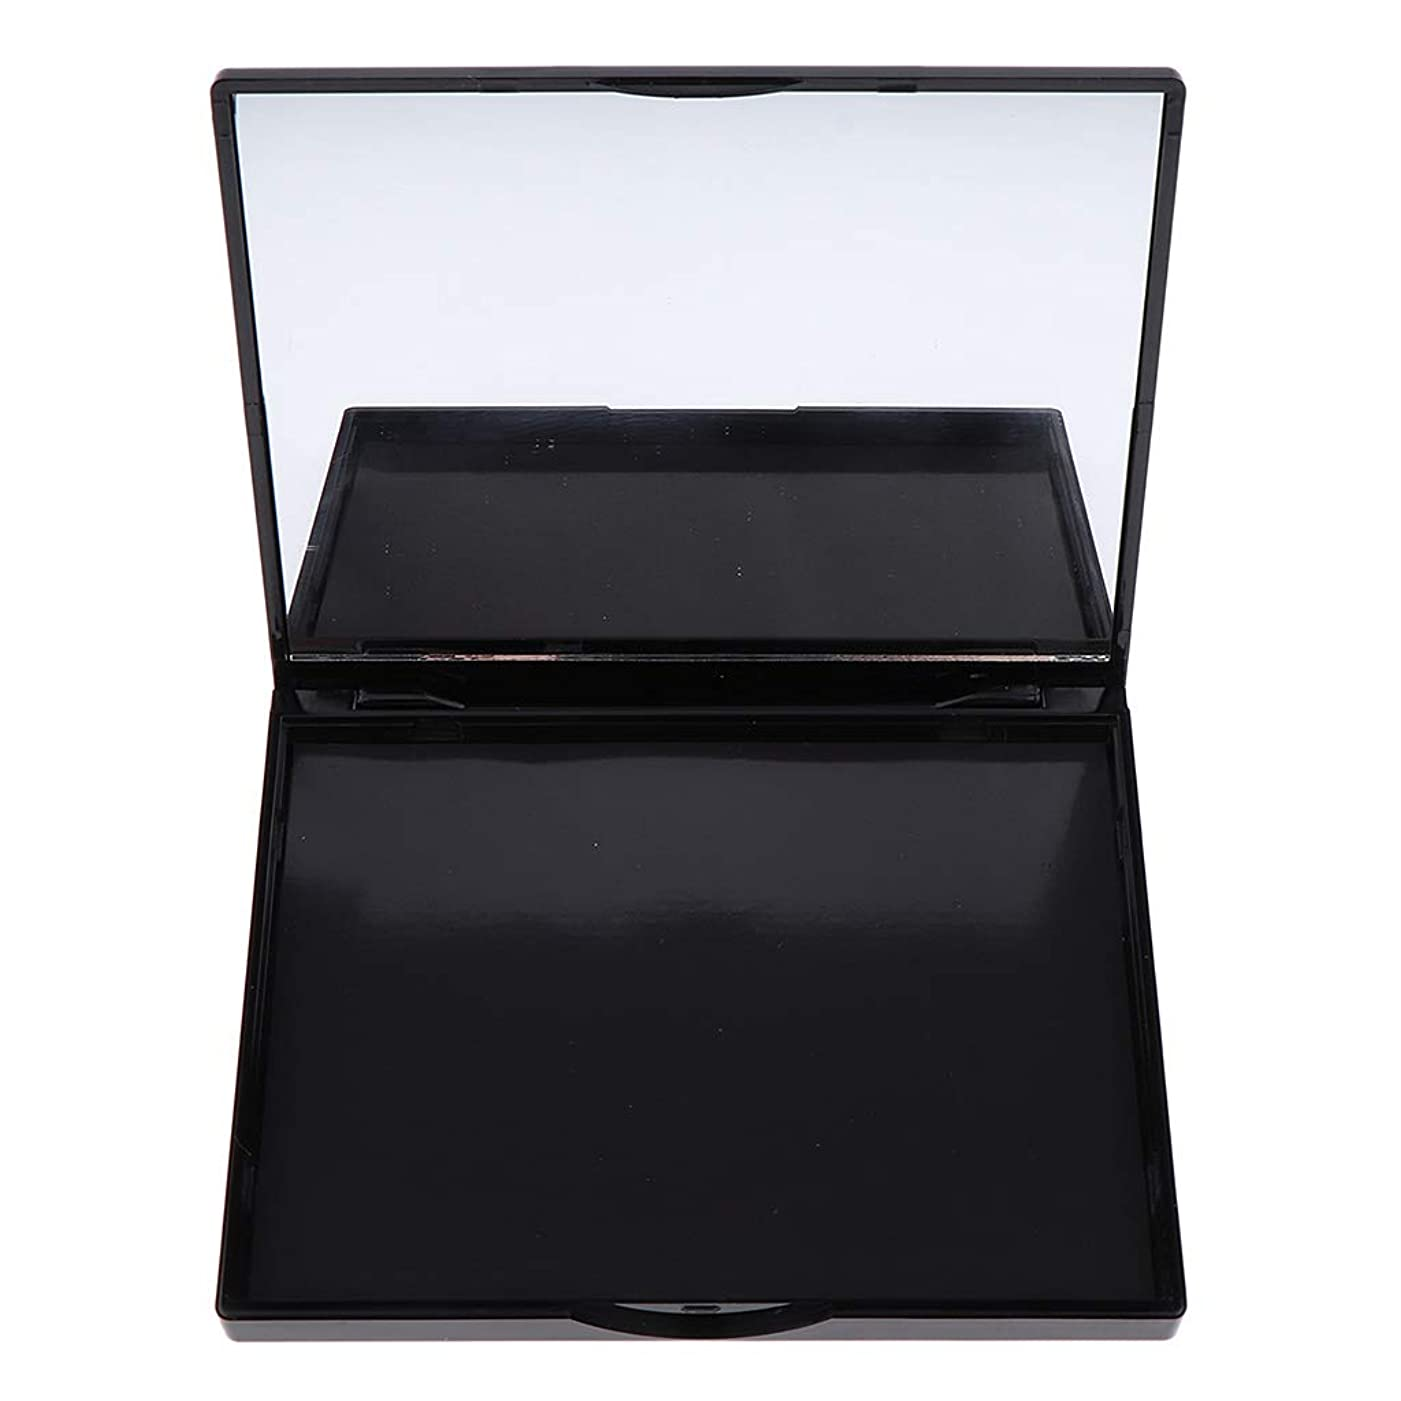 パーセント傾向があります締めるB Blesiya 磁気パレット メイクアップパレット ミラー付き 4タイプ選べ - パープルローズフラワー